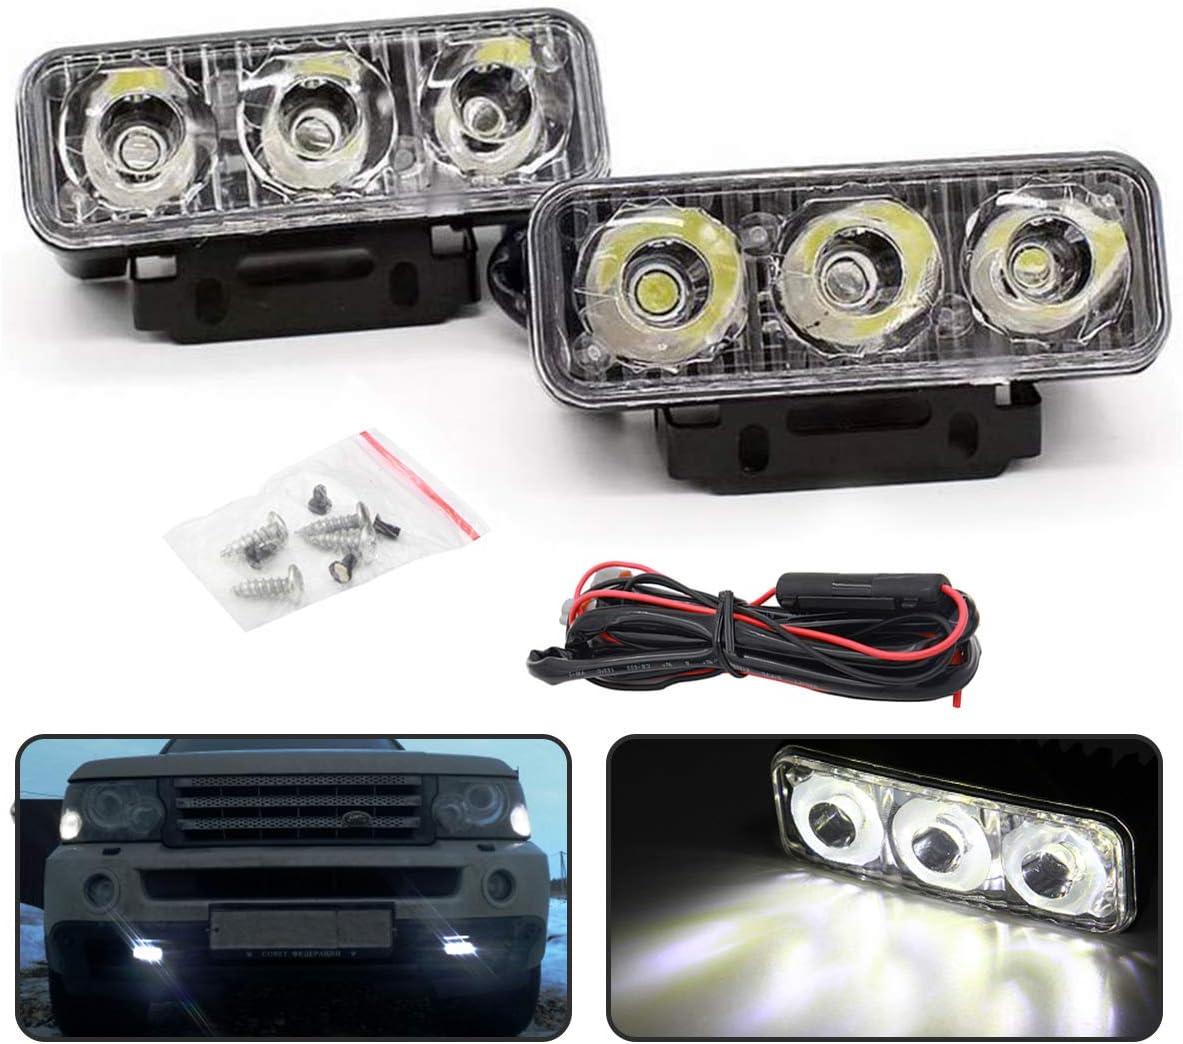 2PCS 9 LED Car Round Fog Light Daytime Running Lamp DRL Driving Bulb White Tool